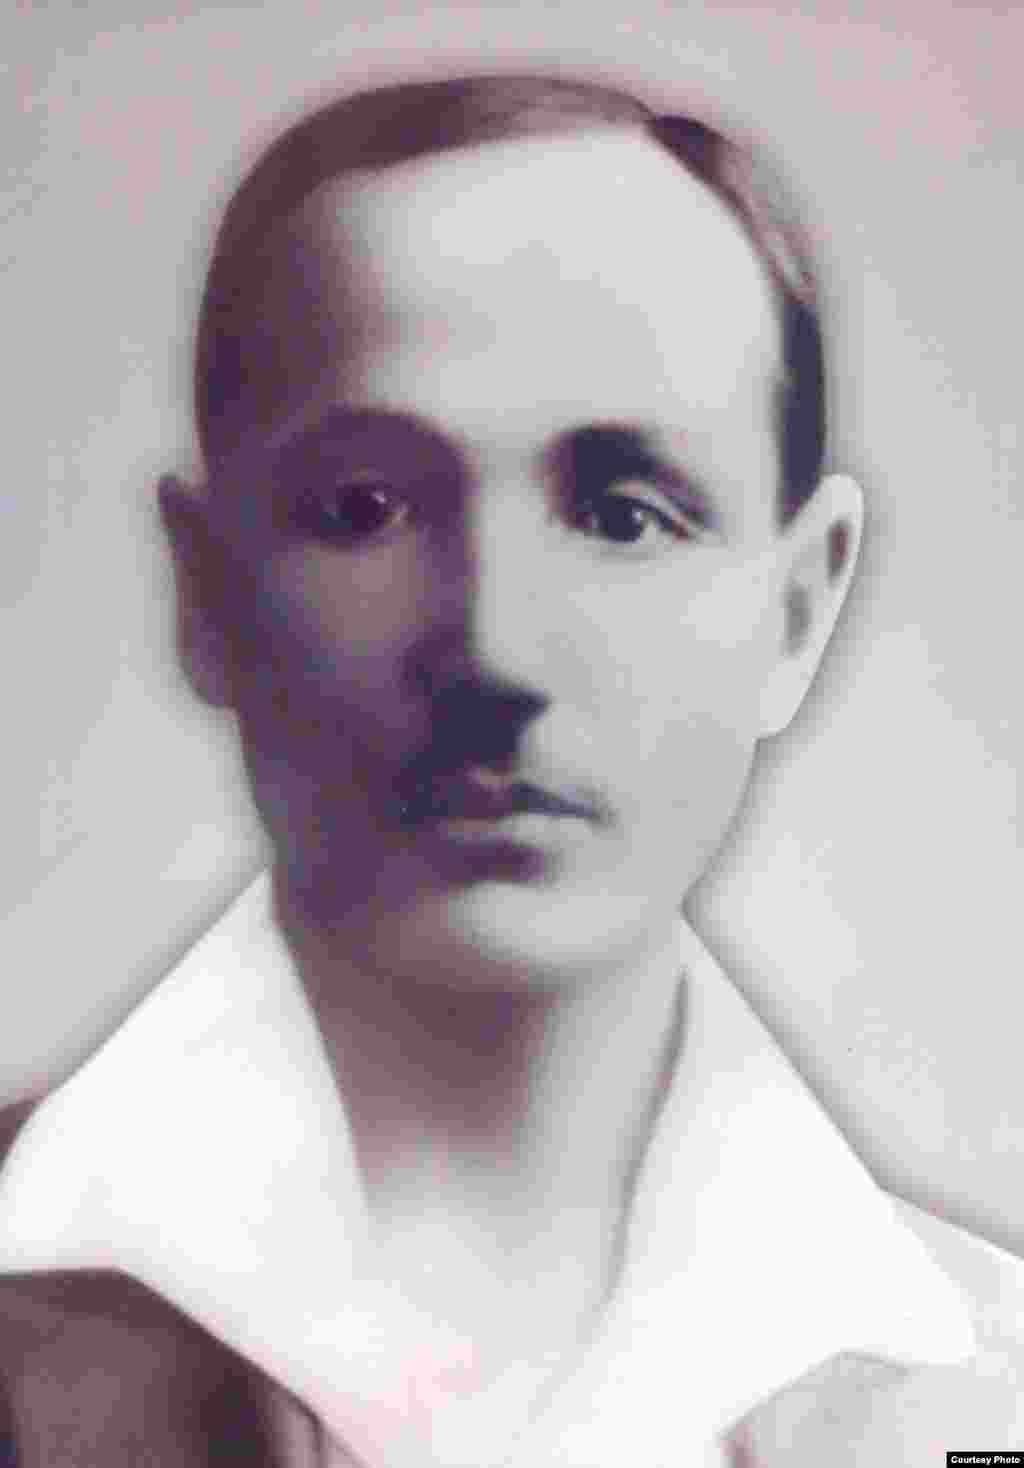 Биахмет Сәрсенов (1885-1921 жж.) Алашорданың көрнекті қайраткері. «Қазақ» газеті авторларының бірі. 1918 жылы түсірілген сурет.